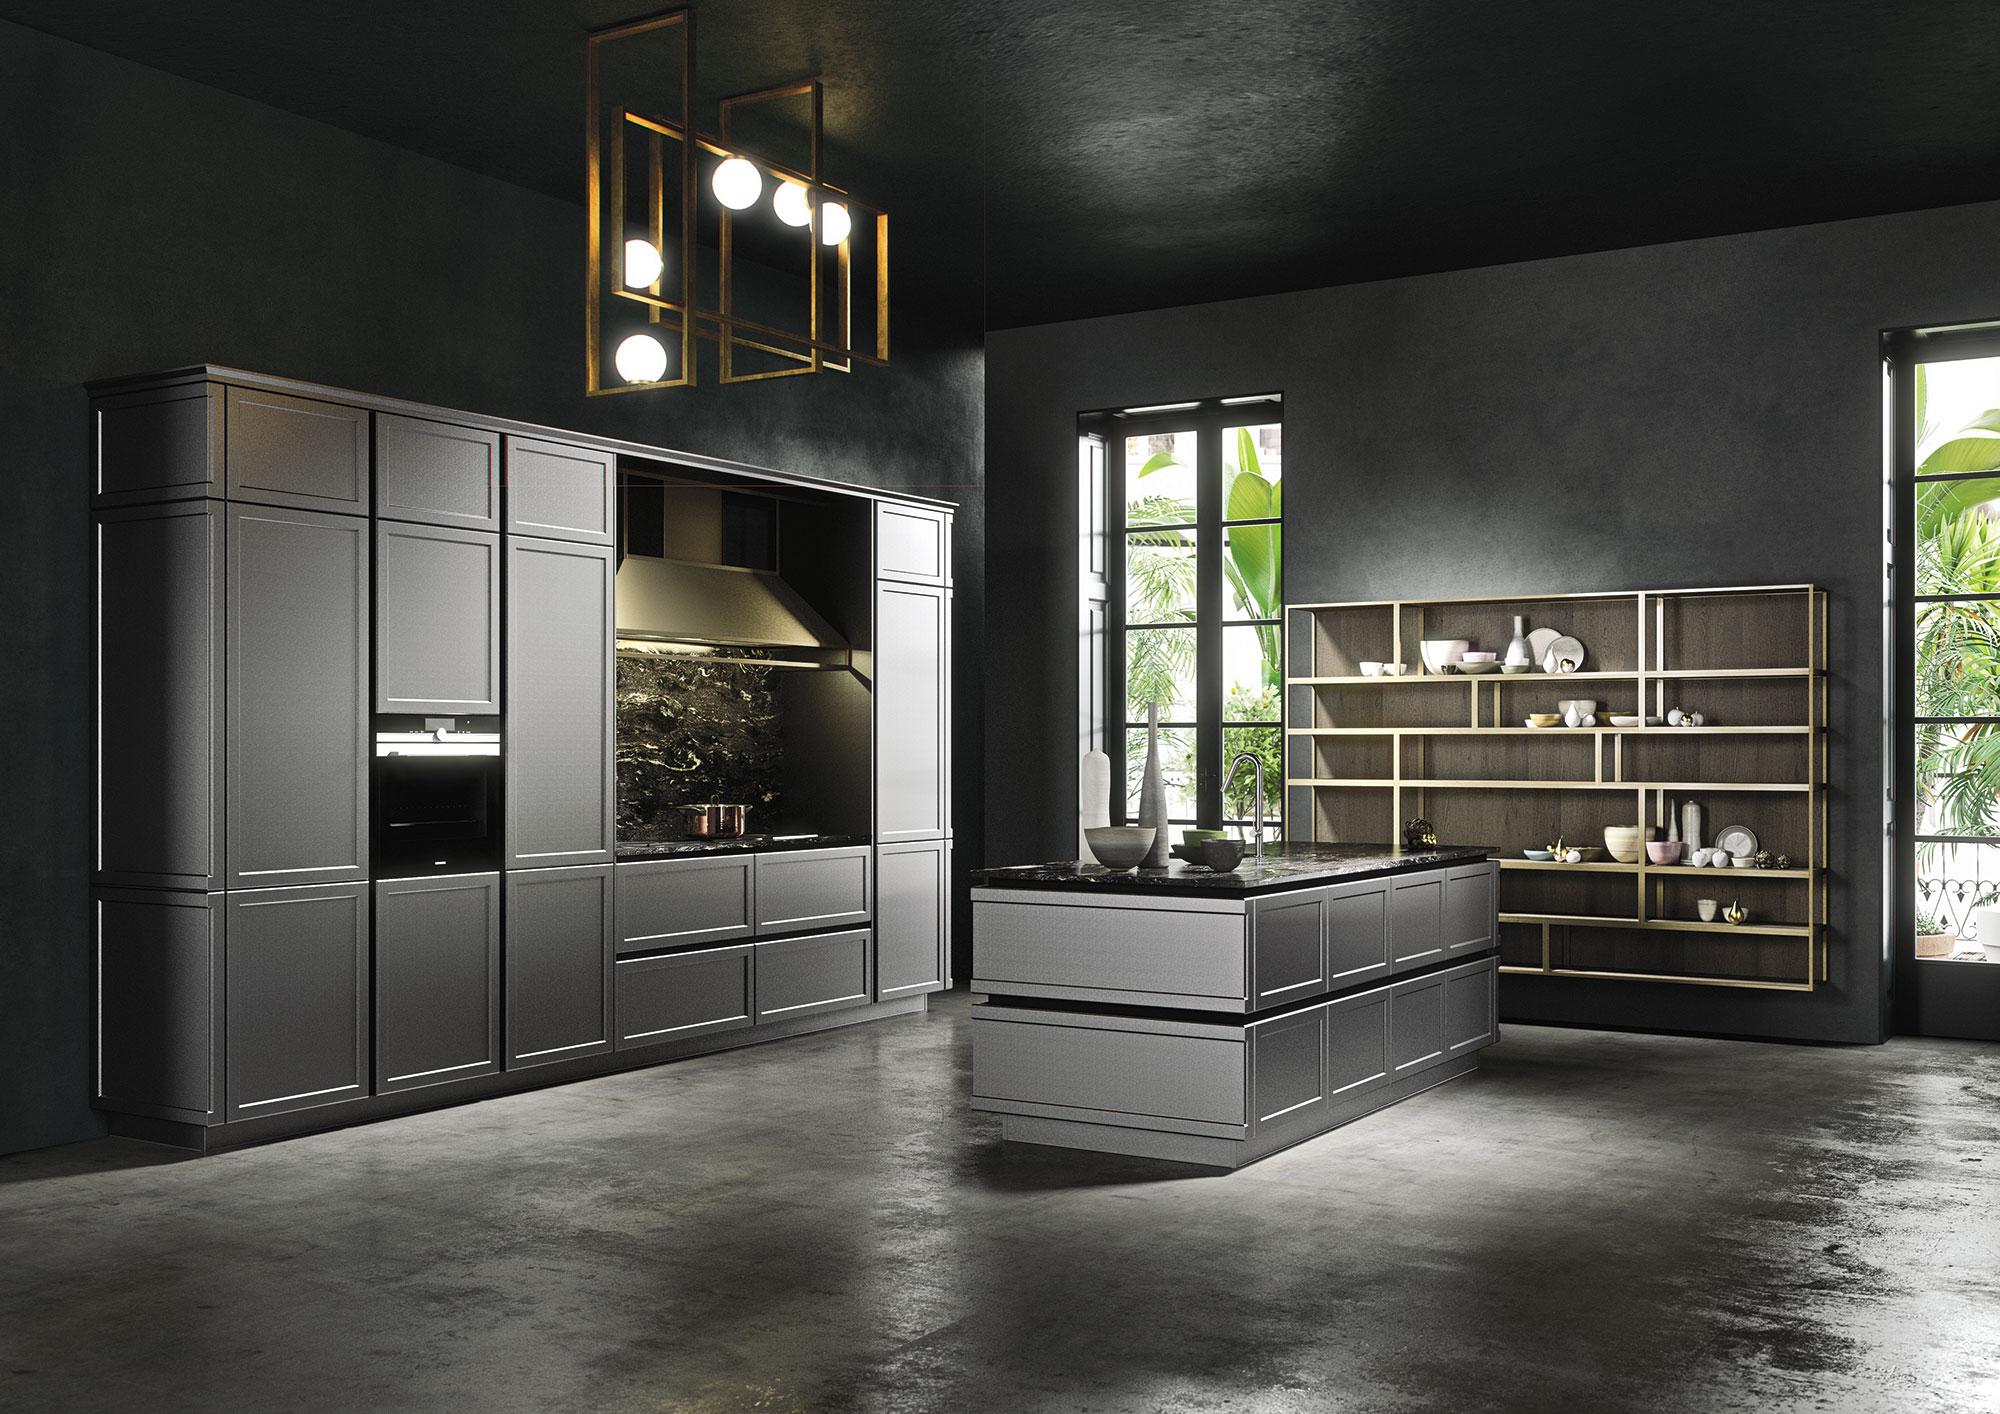 frame la cucina industrial di snaidero premiata al good design award casa di stile. Black Bedroom Furniture Sets. Home Design Ideas